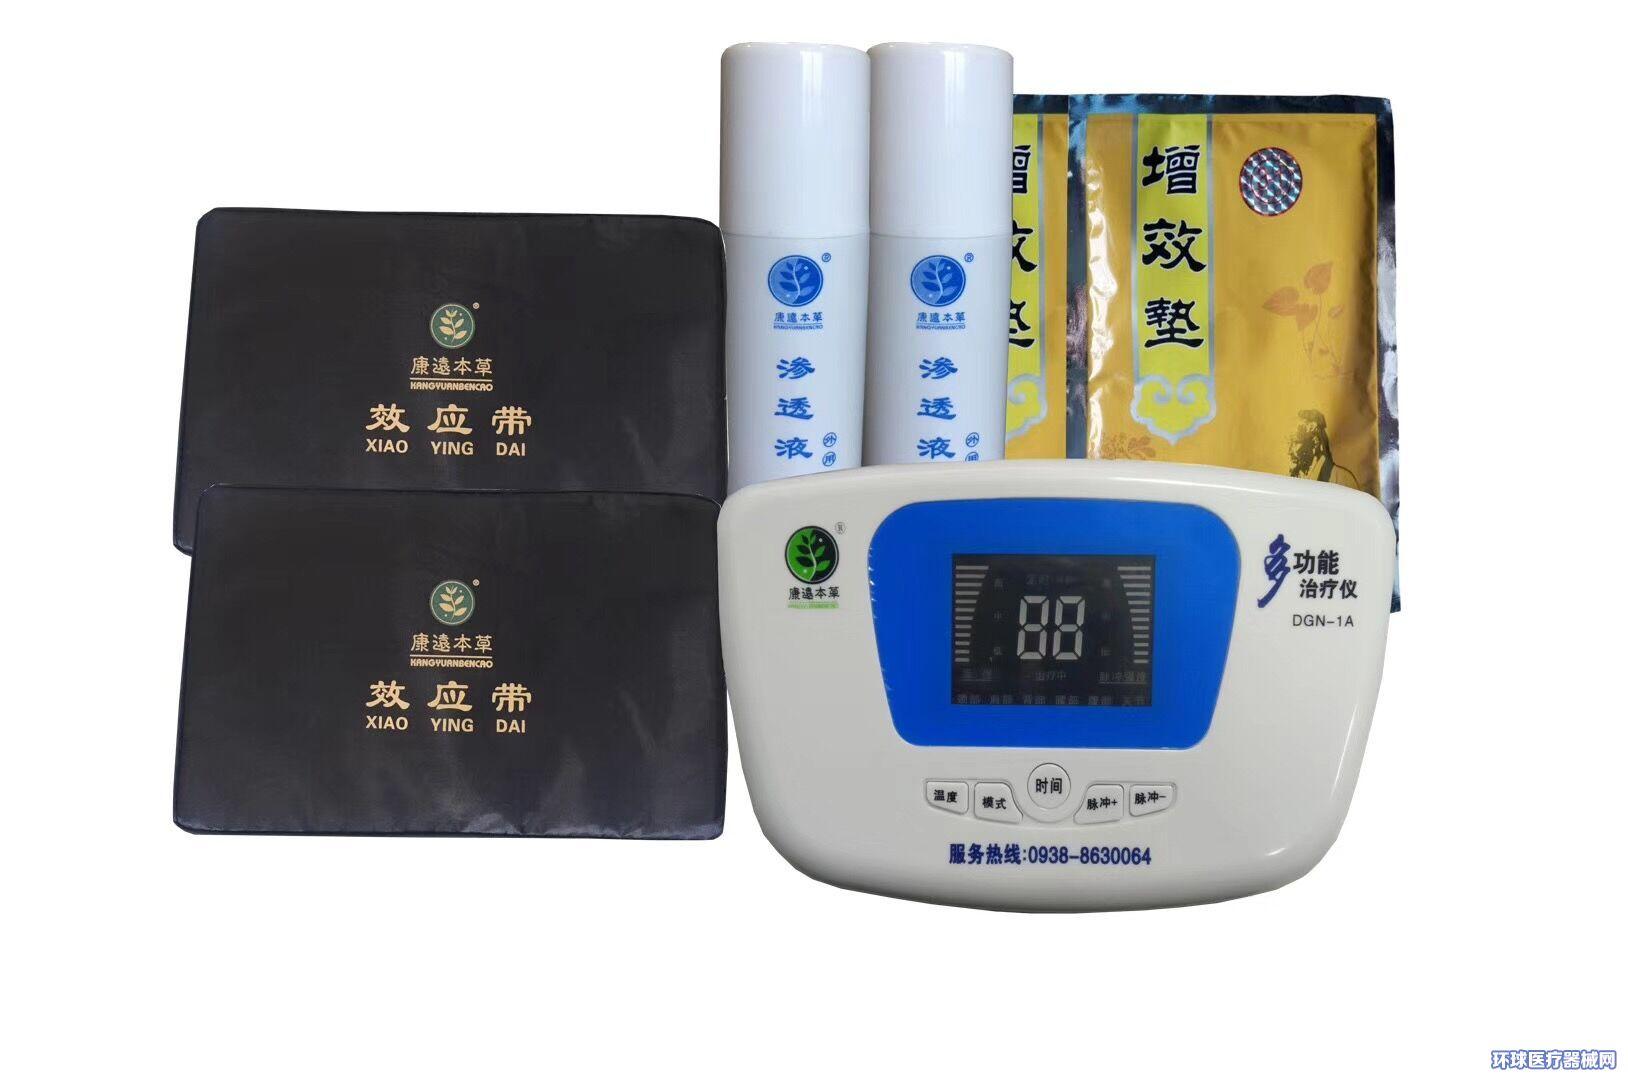 康远本草治疗仪DGN-1